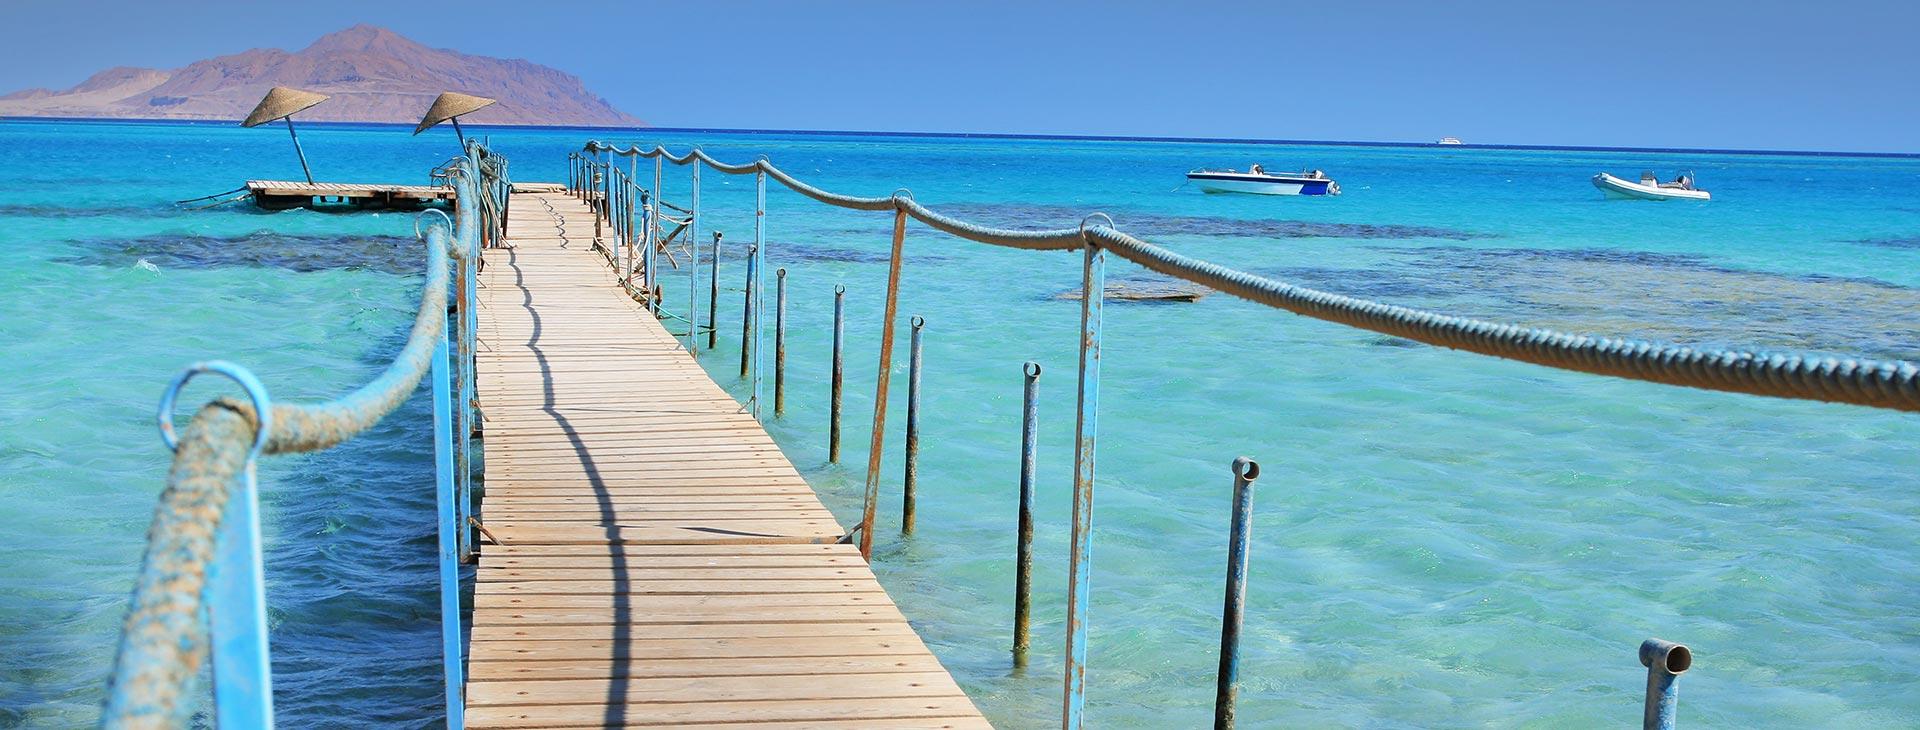 Sharm Holiday Tour Egipt, Wyc. objazdowe